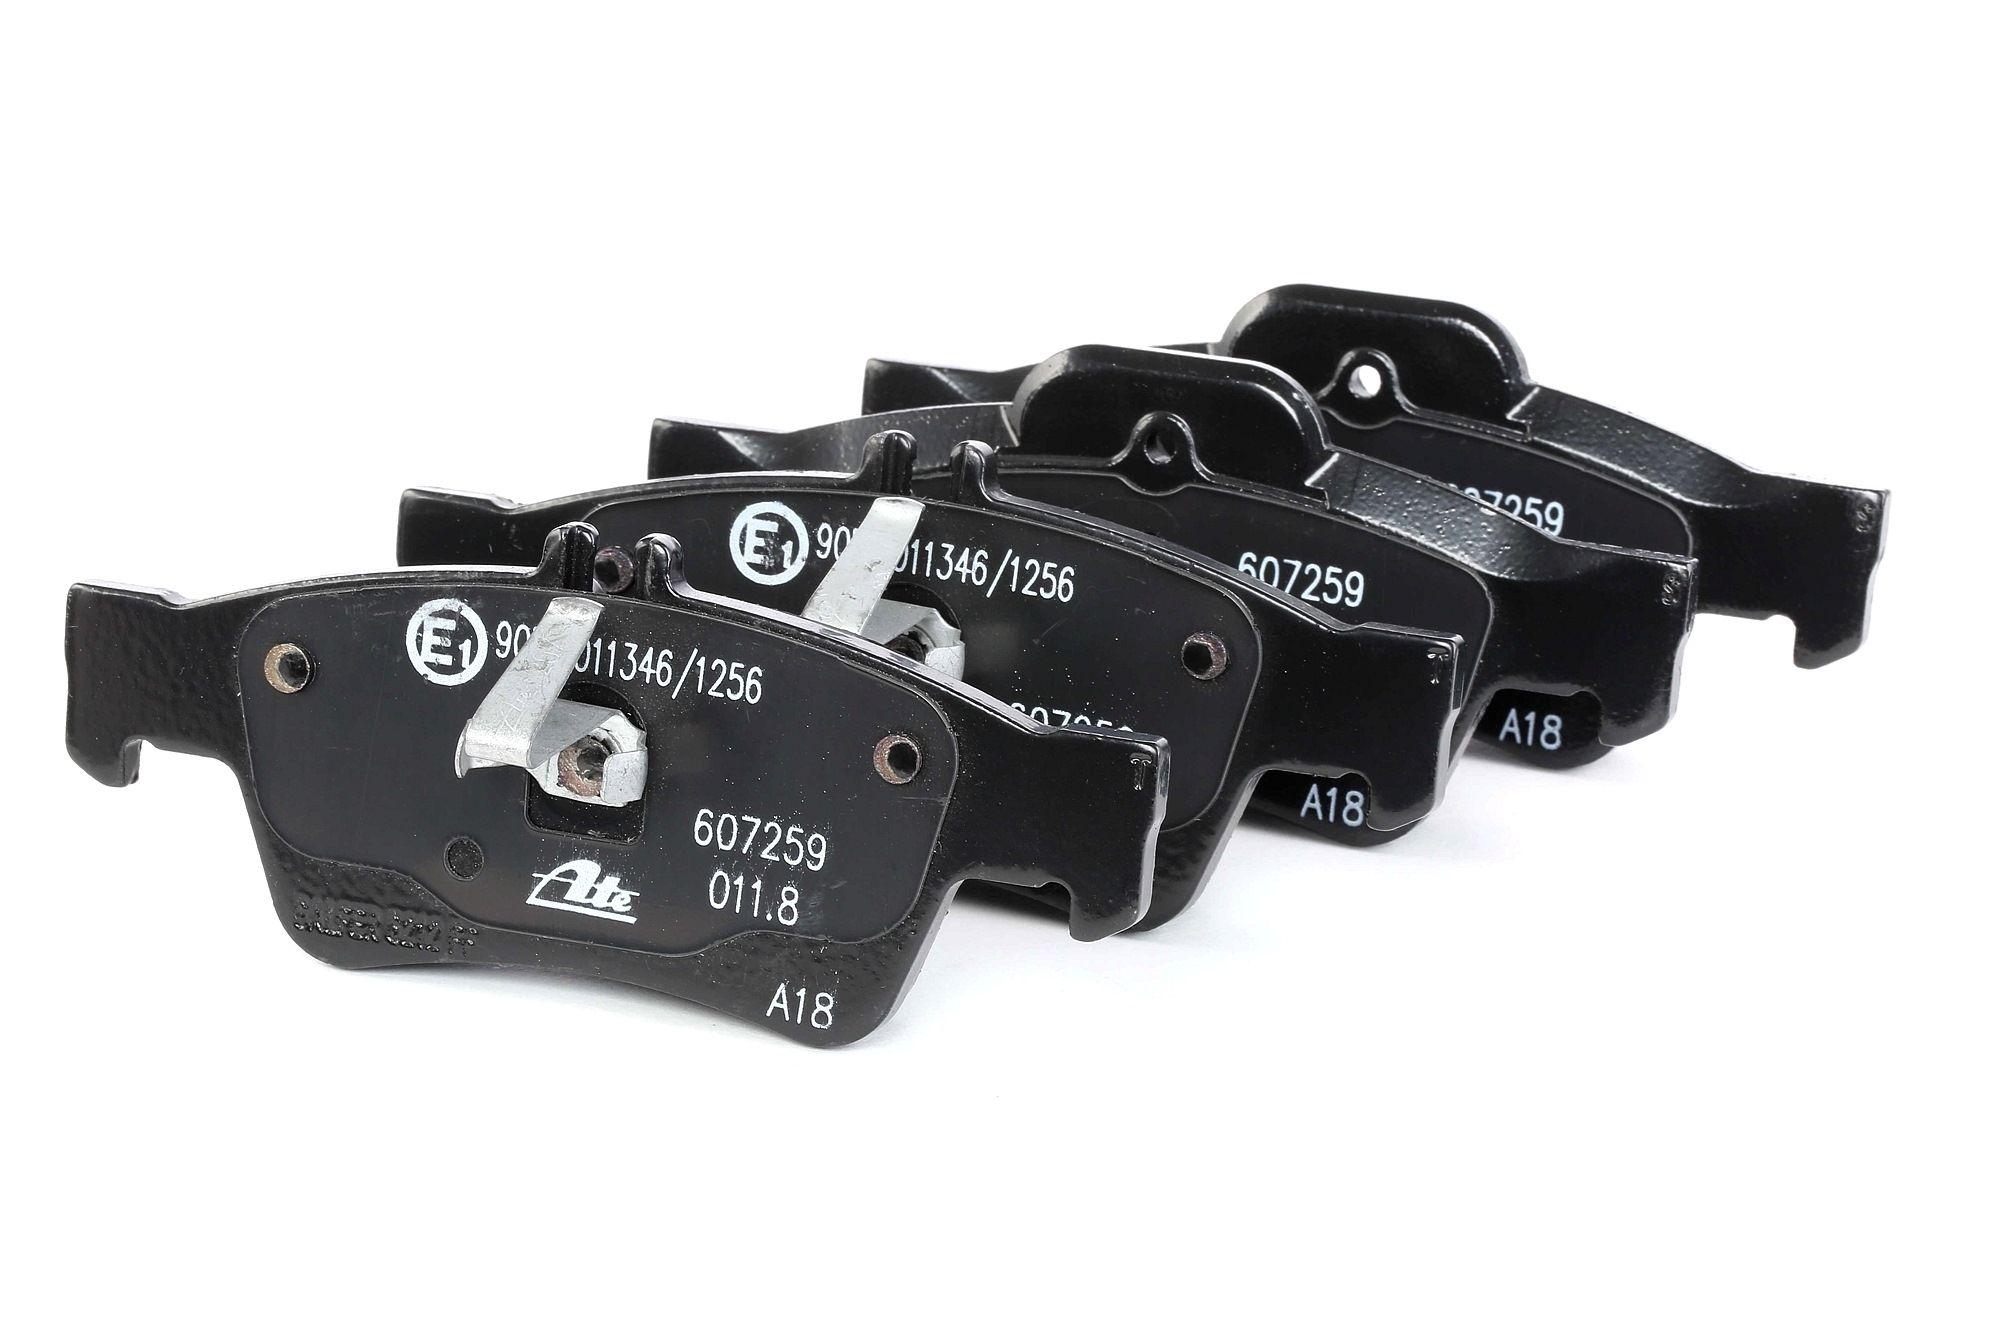 ATE: Original Bremsbeläge 13.0460-7259.2 (Höhe 1: 59,6mm, Höhe 2: 57,5mm, Breite 1: 141,1mm, Breite 2: 139,8mm, Dicke/Stärke: 16,7mm)